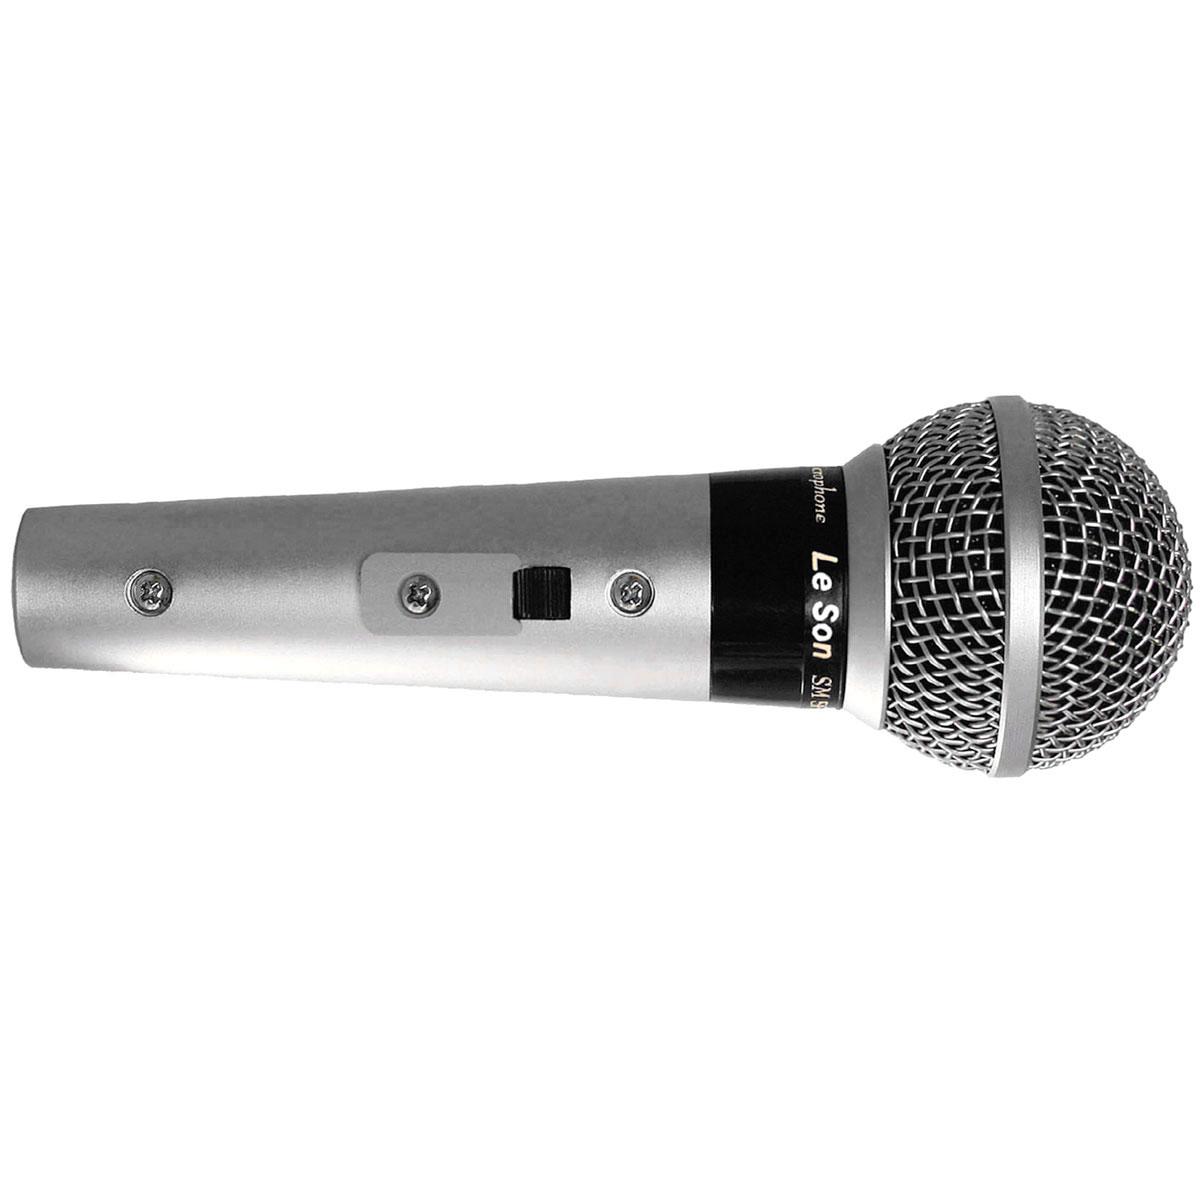 SM58P4 - Microfone c/ Fio de Mão SM 58 P4 - Le Son